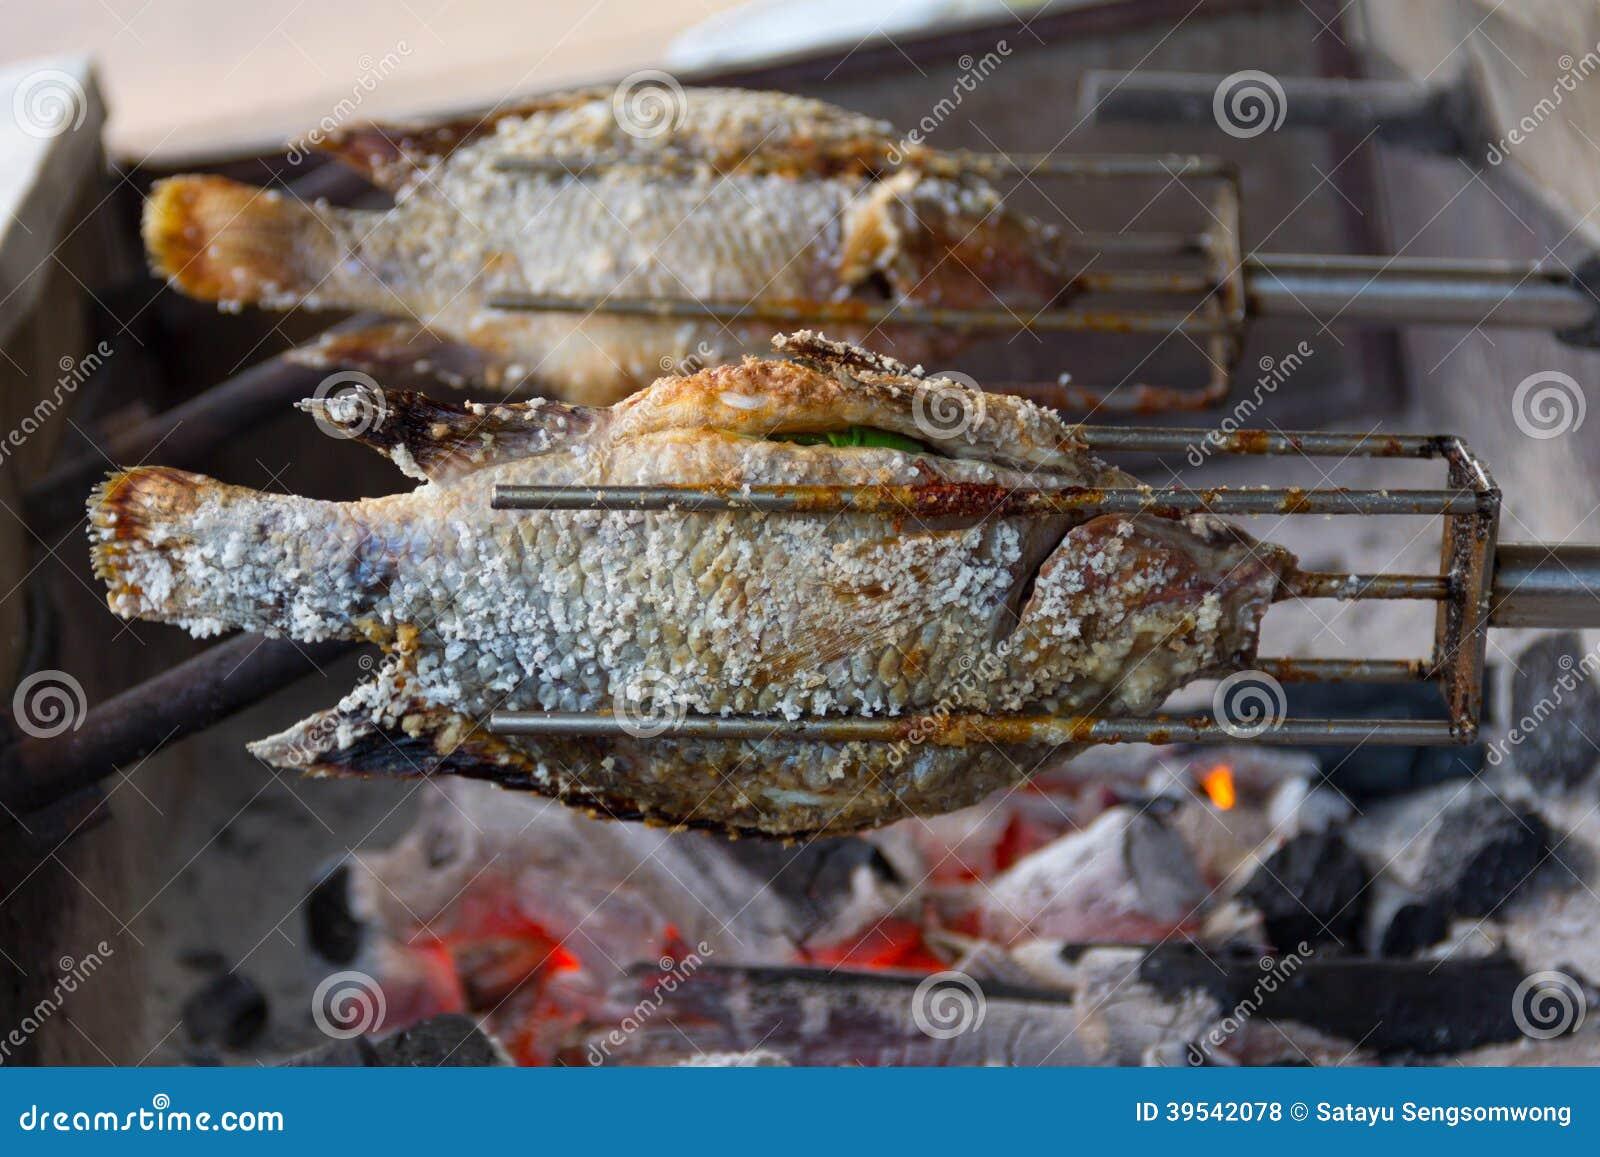 在火炉盐溶的烤罗非鱼鱼.小黄鱼罐头品牌图片